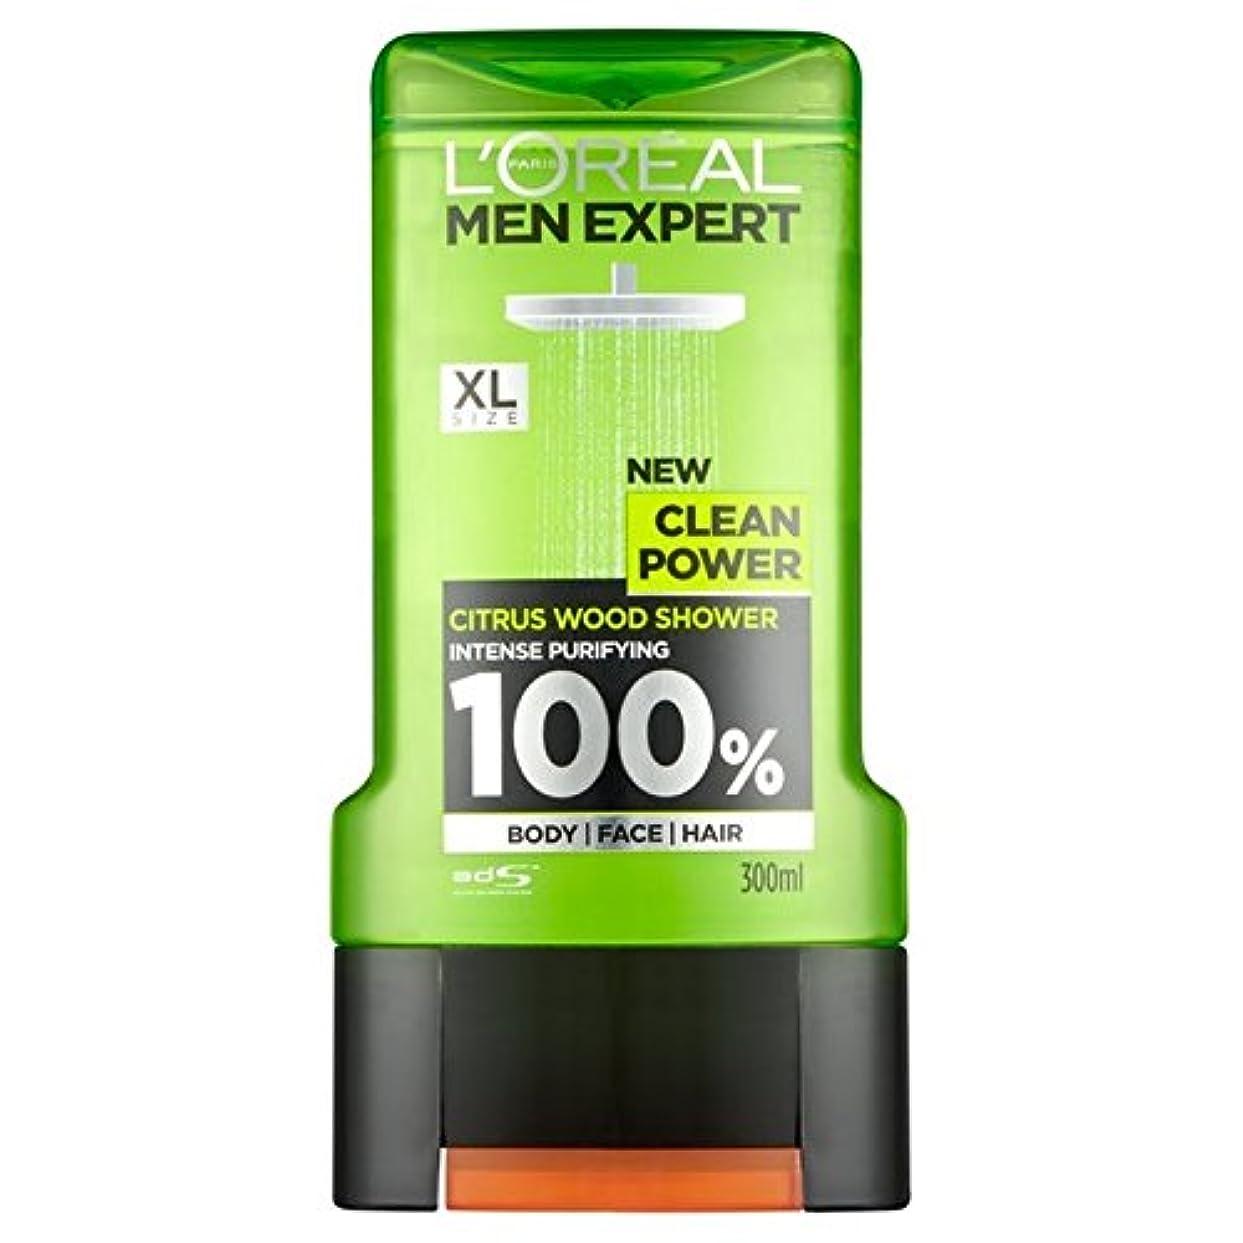 パークこねる冷凍庫ロレアルパリの男性の専門家クリーンパワーシャワージェル300ミリリットル x4 - L'Oreal Paris Men Expert Clean Power Shower Gel 300ml (Pack of 4) [並行輸入品]